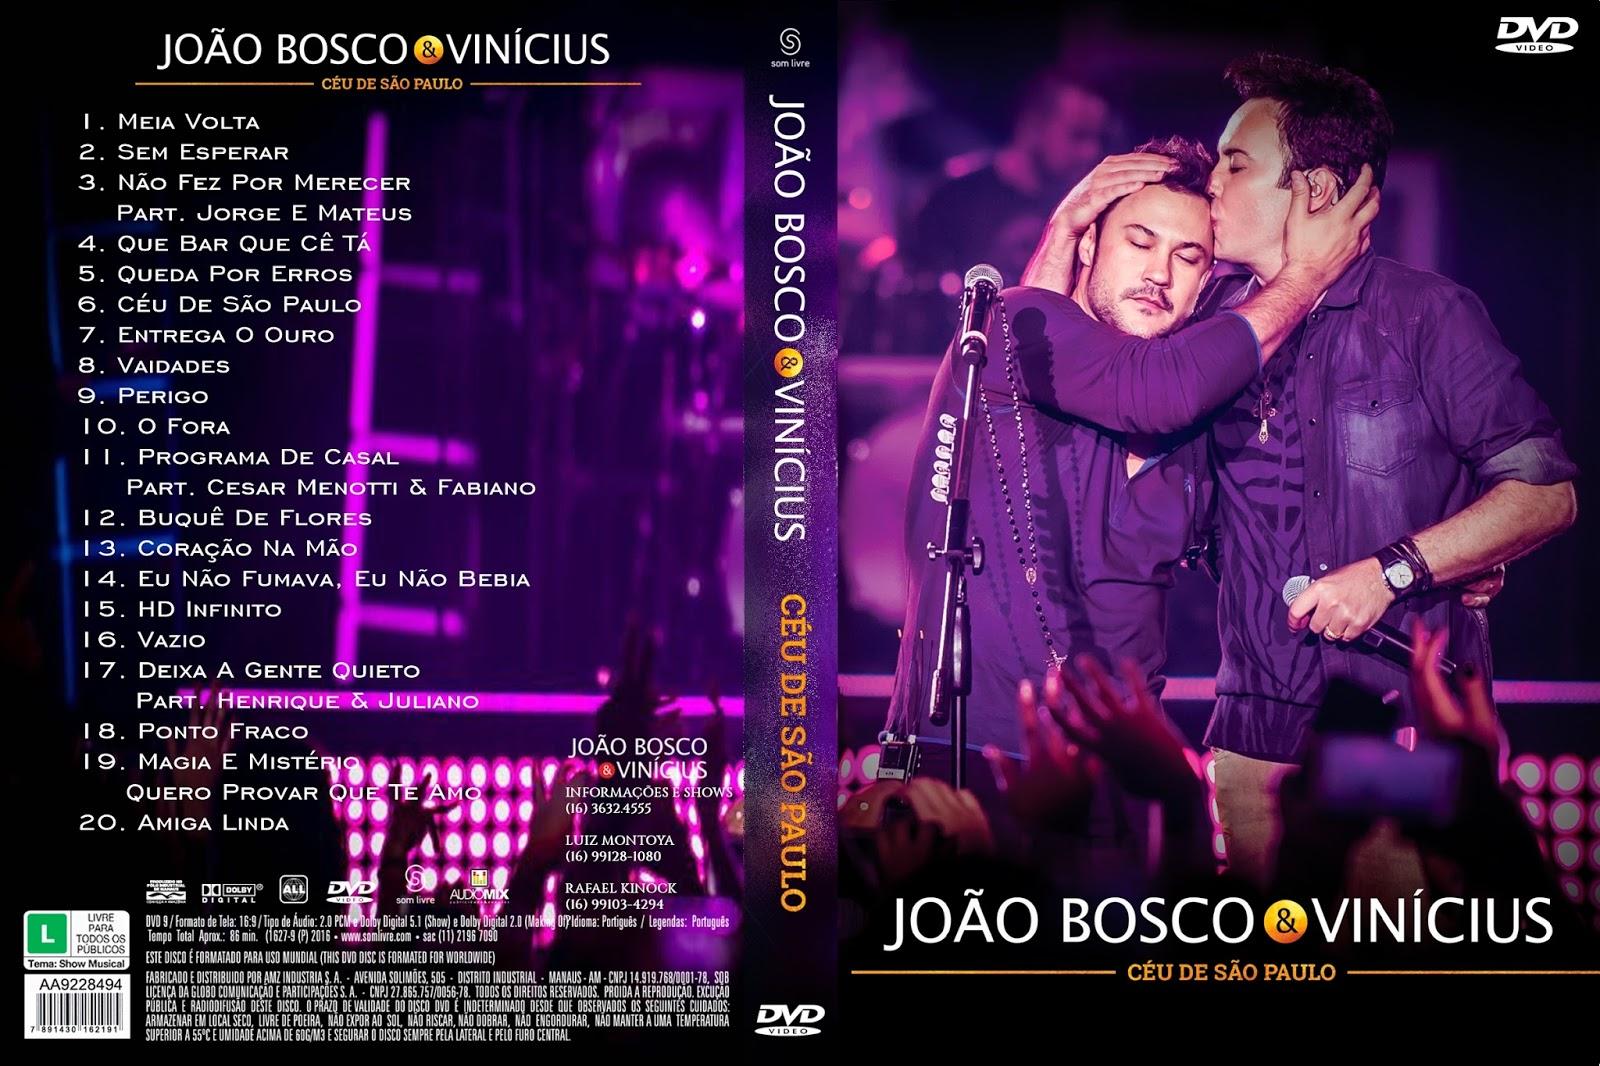 Download João Bosco & Vinícius Céu de São Paulo Ao Vivo DVD-R Download João Bosco & Vinícius Céu de São Paulo Ao Vivo DVD-R Jo 25C3 25A3o 2BBosco 2B 2526 2BVinicius 2B  2BC 25C3 25A9u 2BDe 2BS 25C3 25A3o 2BPaulo 2B  2BXANDAODOWNLOAD